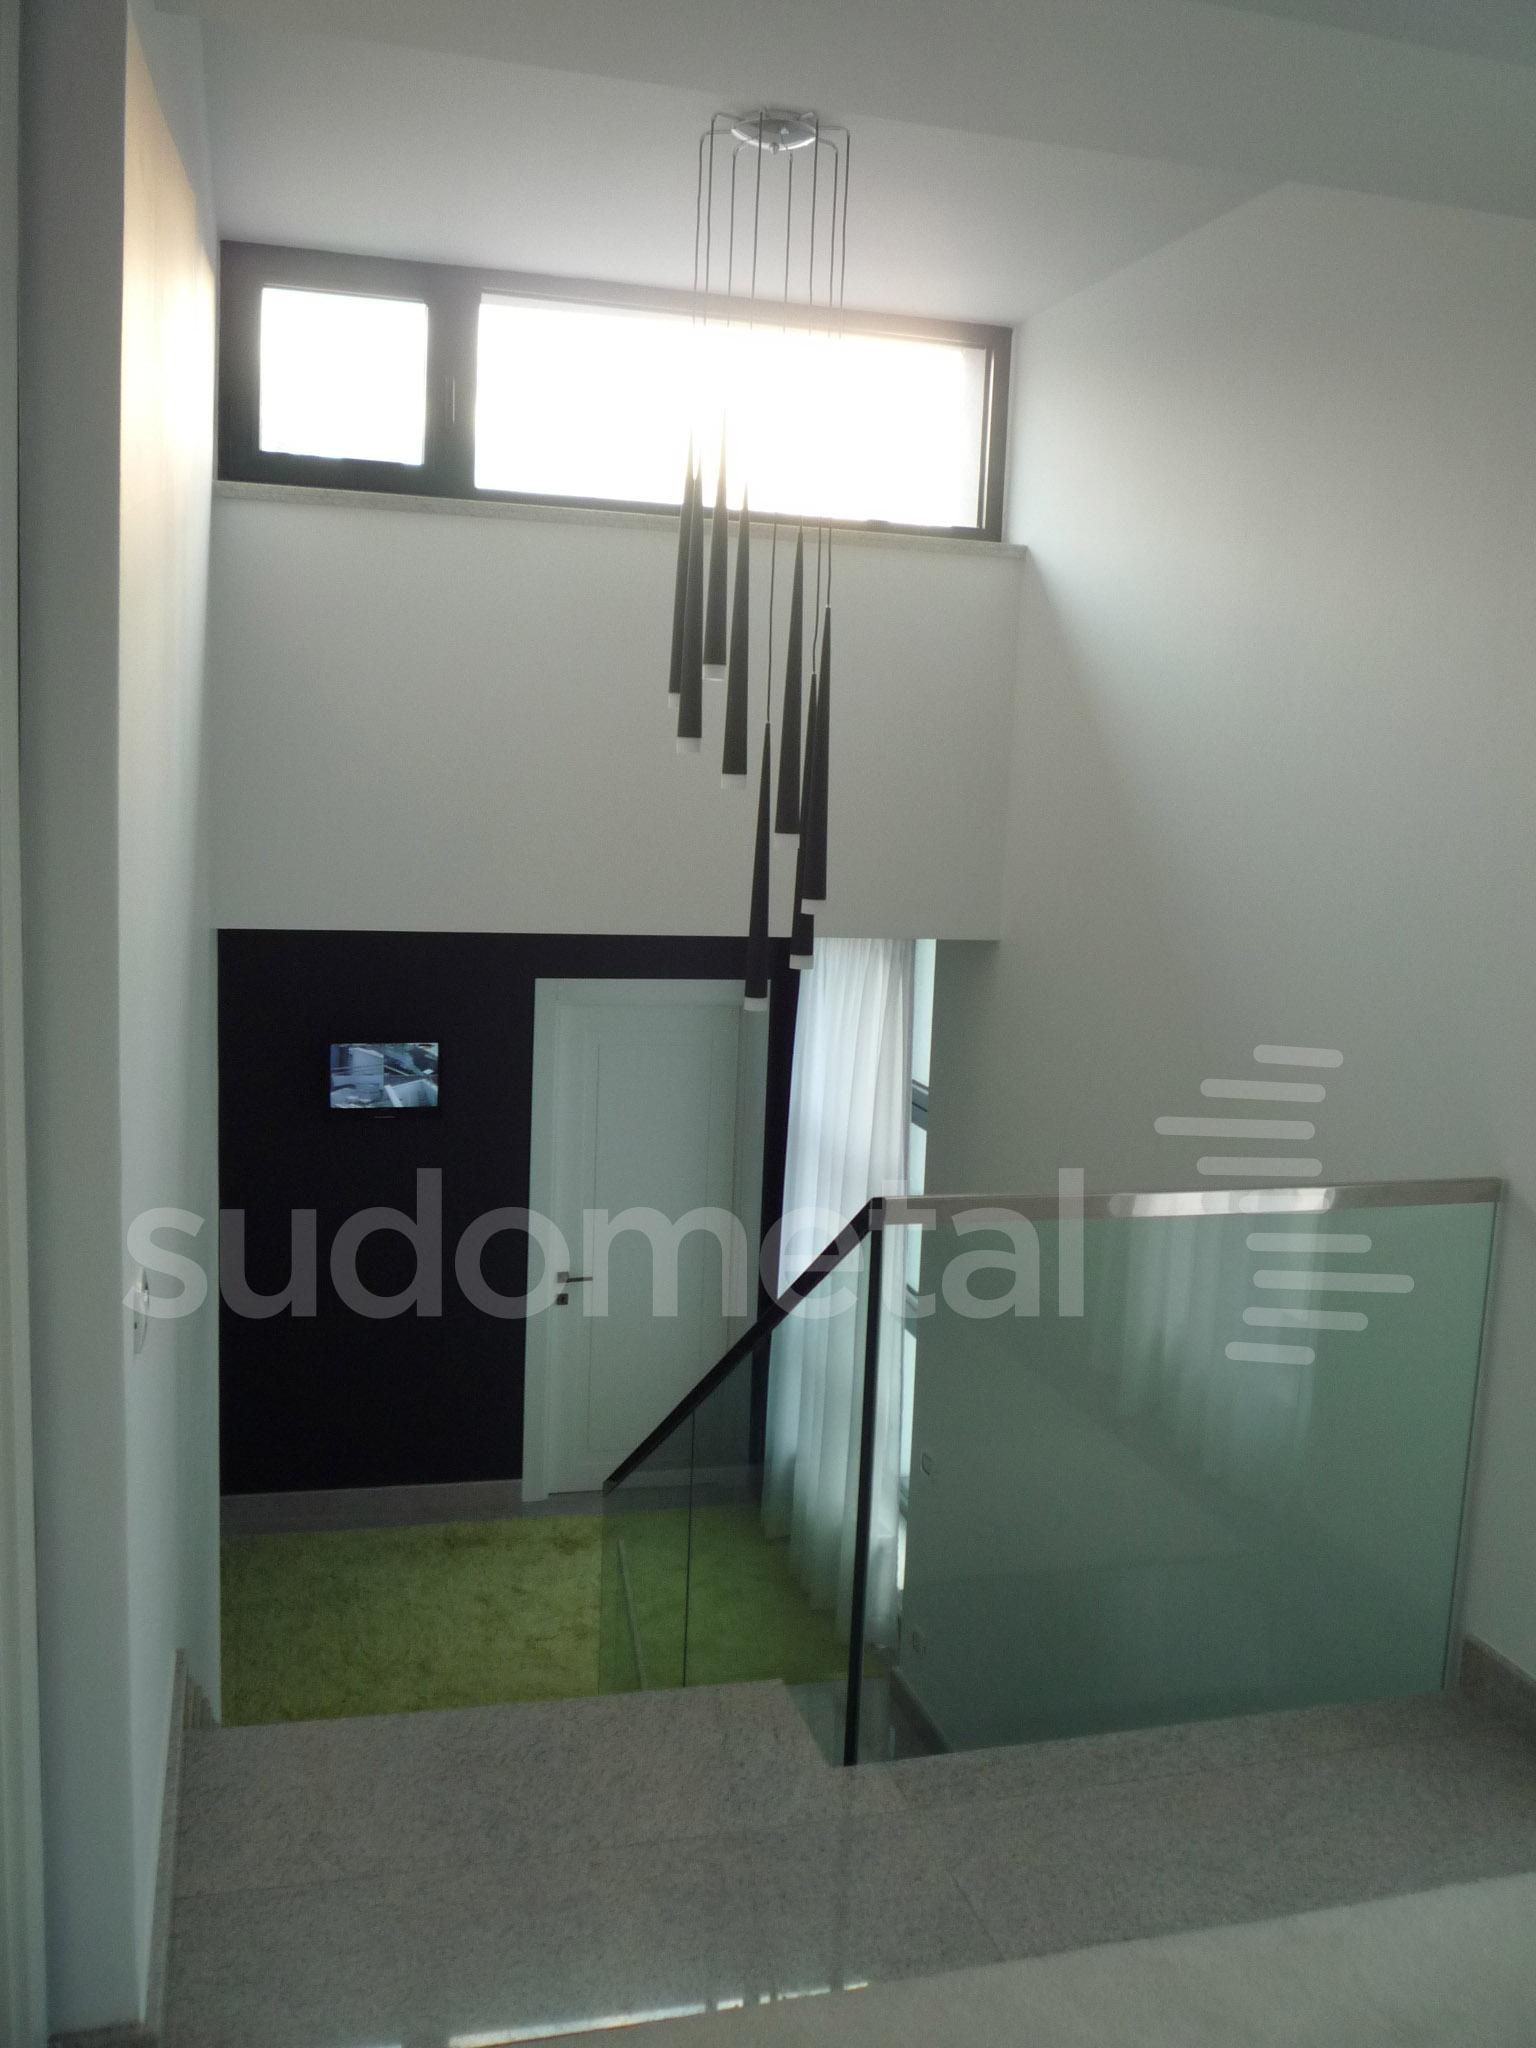 Balustrade din sticla - Balustrada casa particulara Galati SUDOMETAL - Poza 5